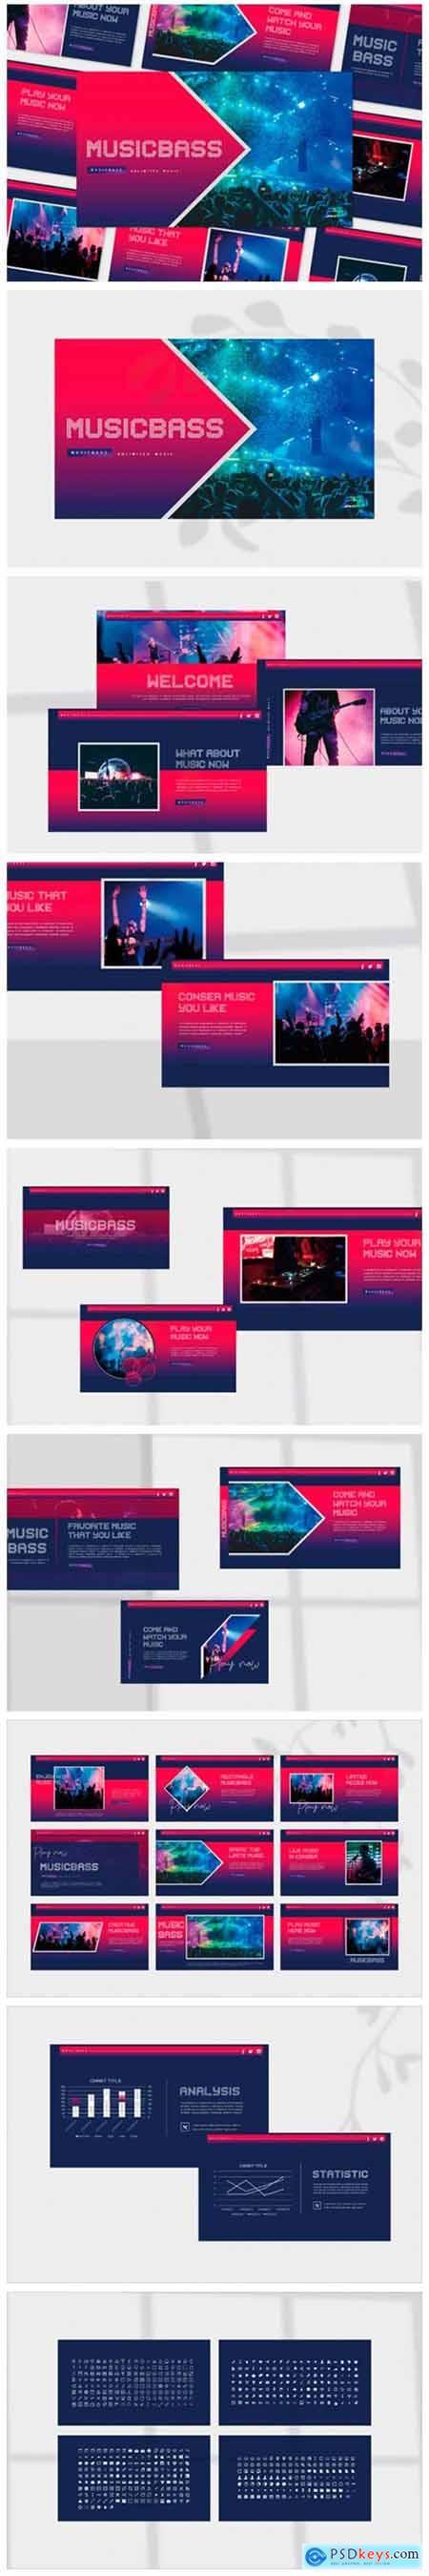 Musicbass - Google Slides Template 2276837